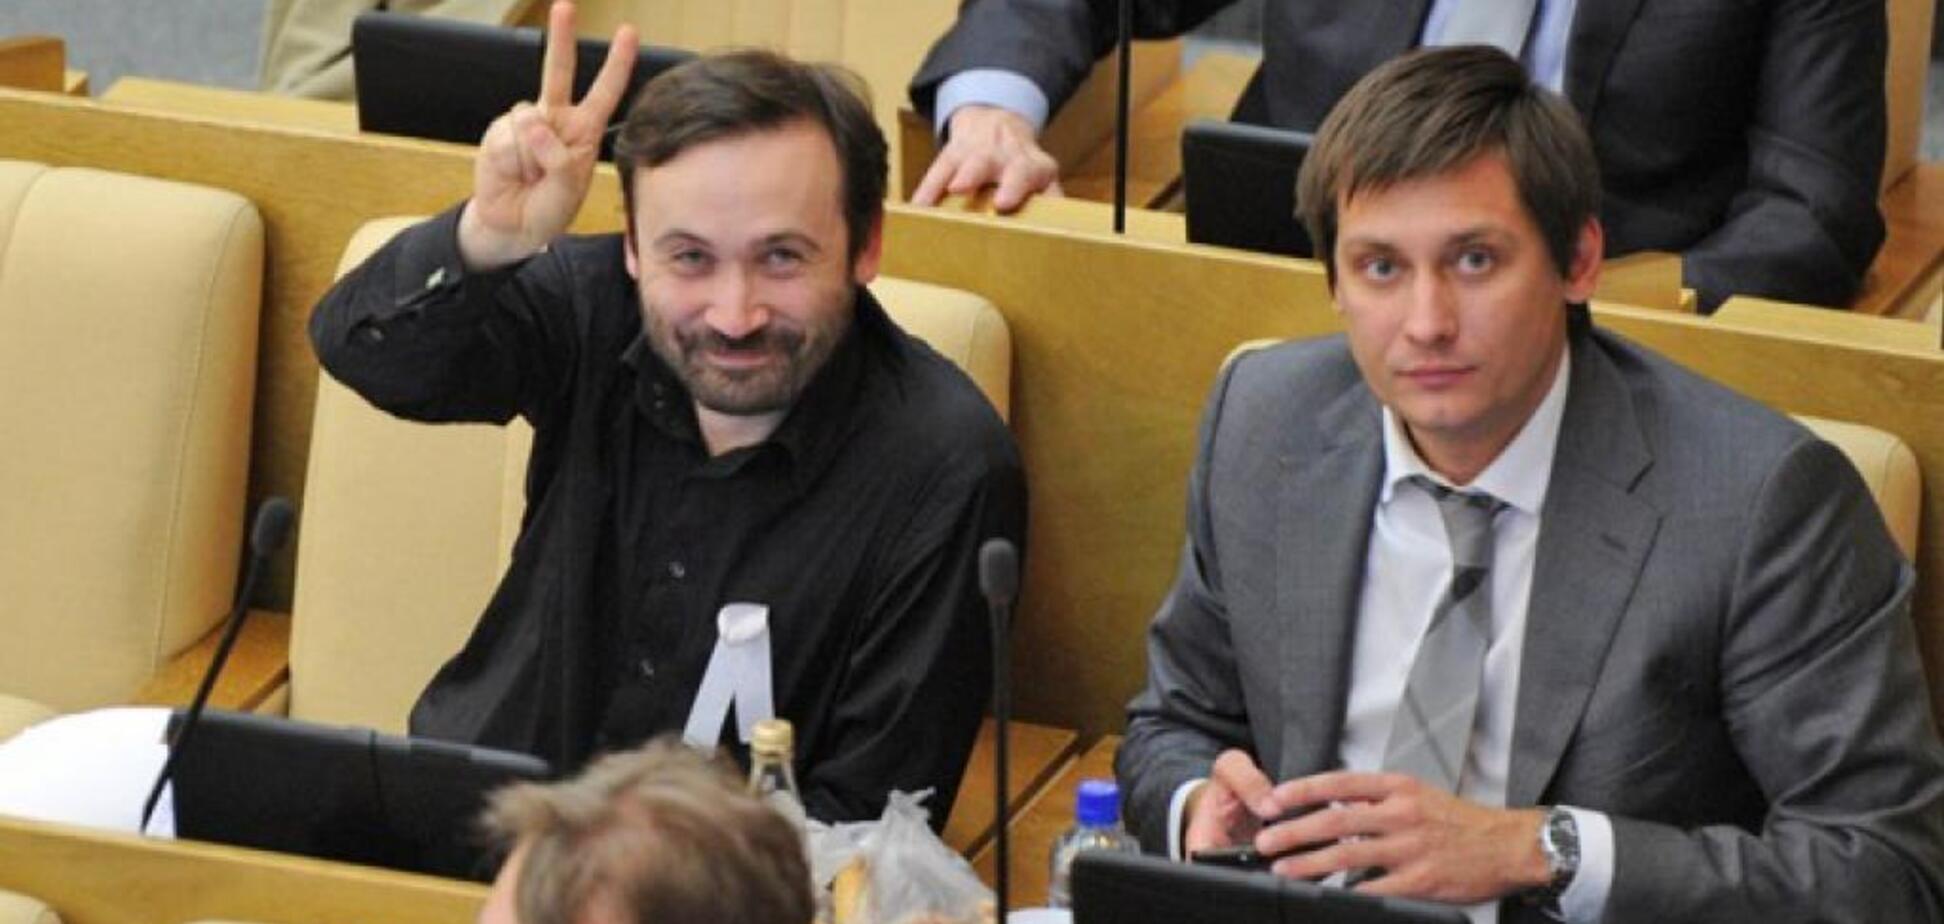 'Змінив рішення за три хвилини': з'явилися невідомі подробиці голосування за анексію Криму